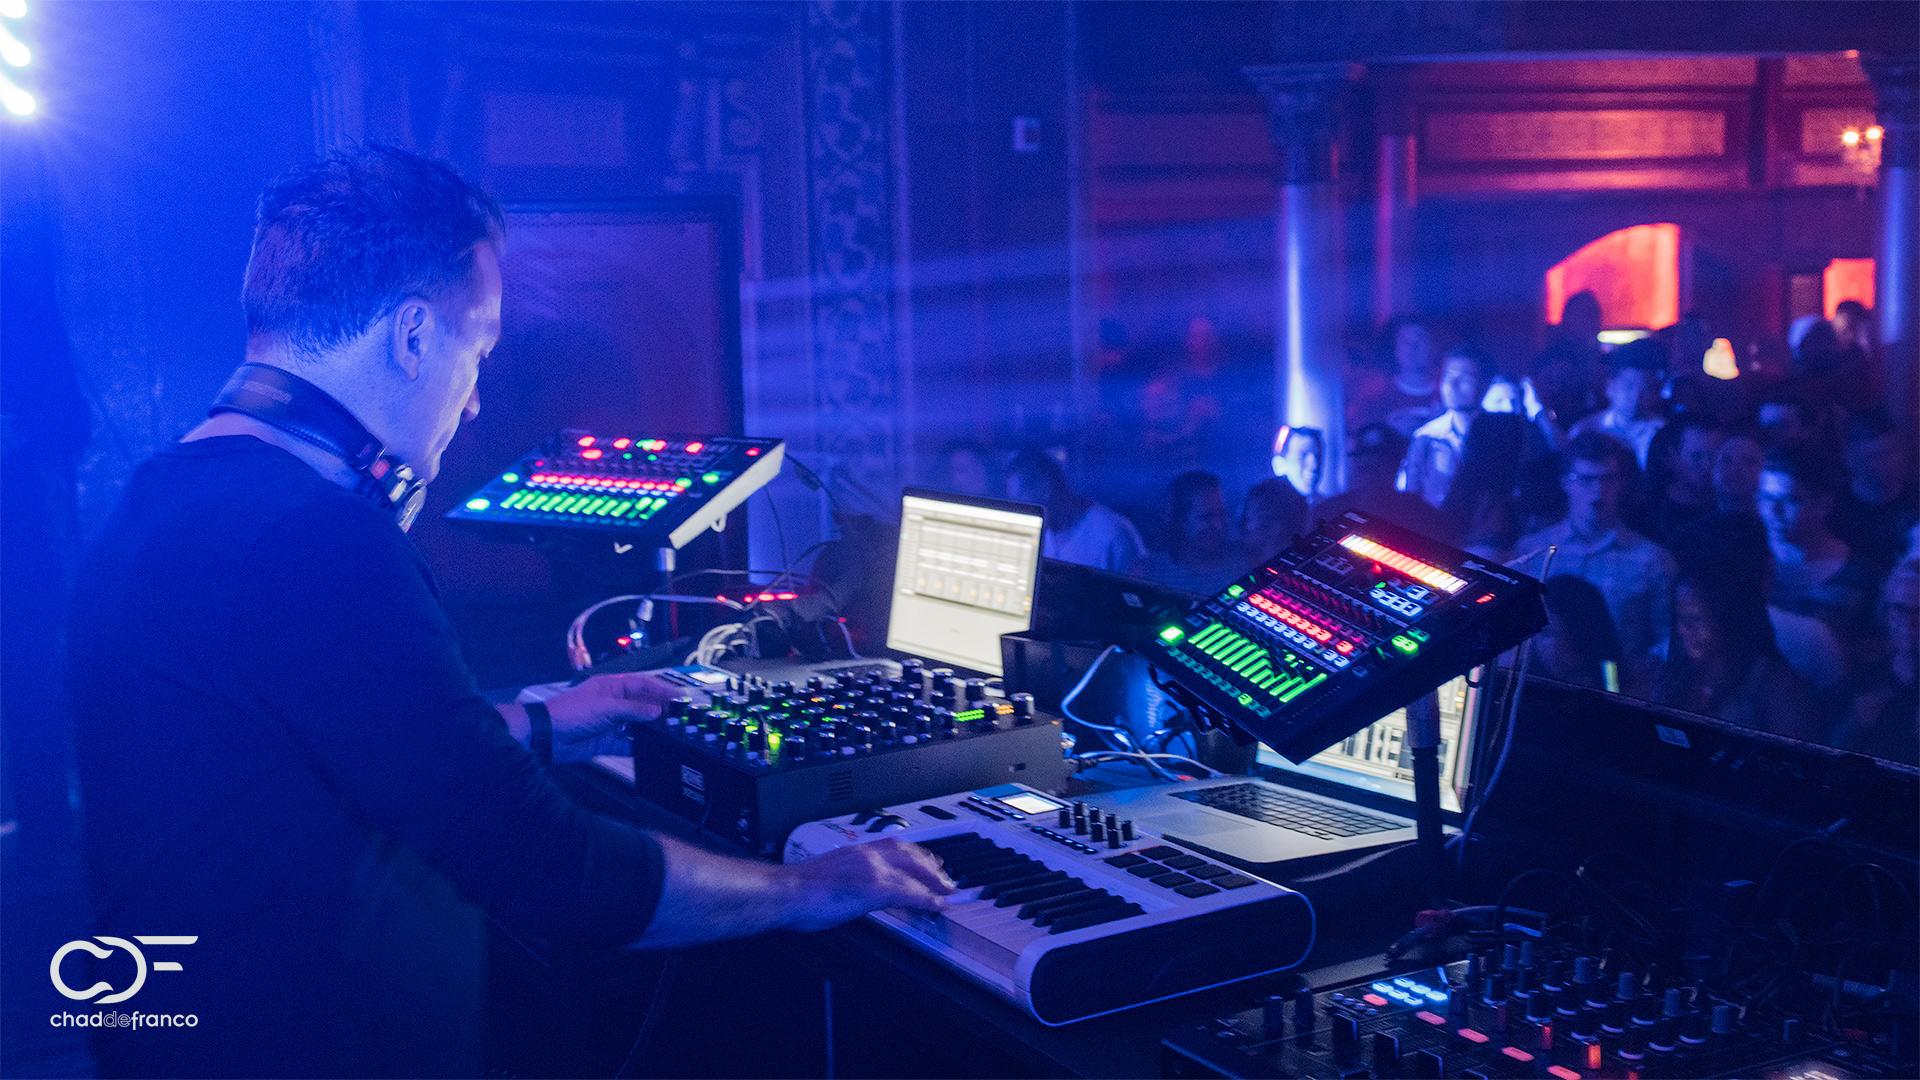 Paul van Dyk plays keyboards during his set at Opera Nightclub